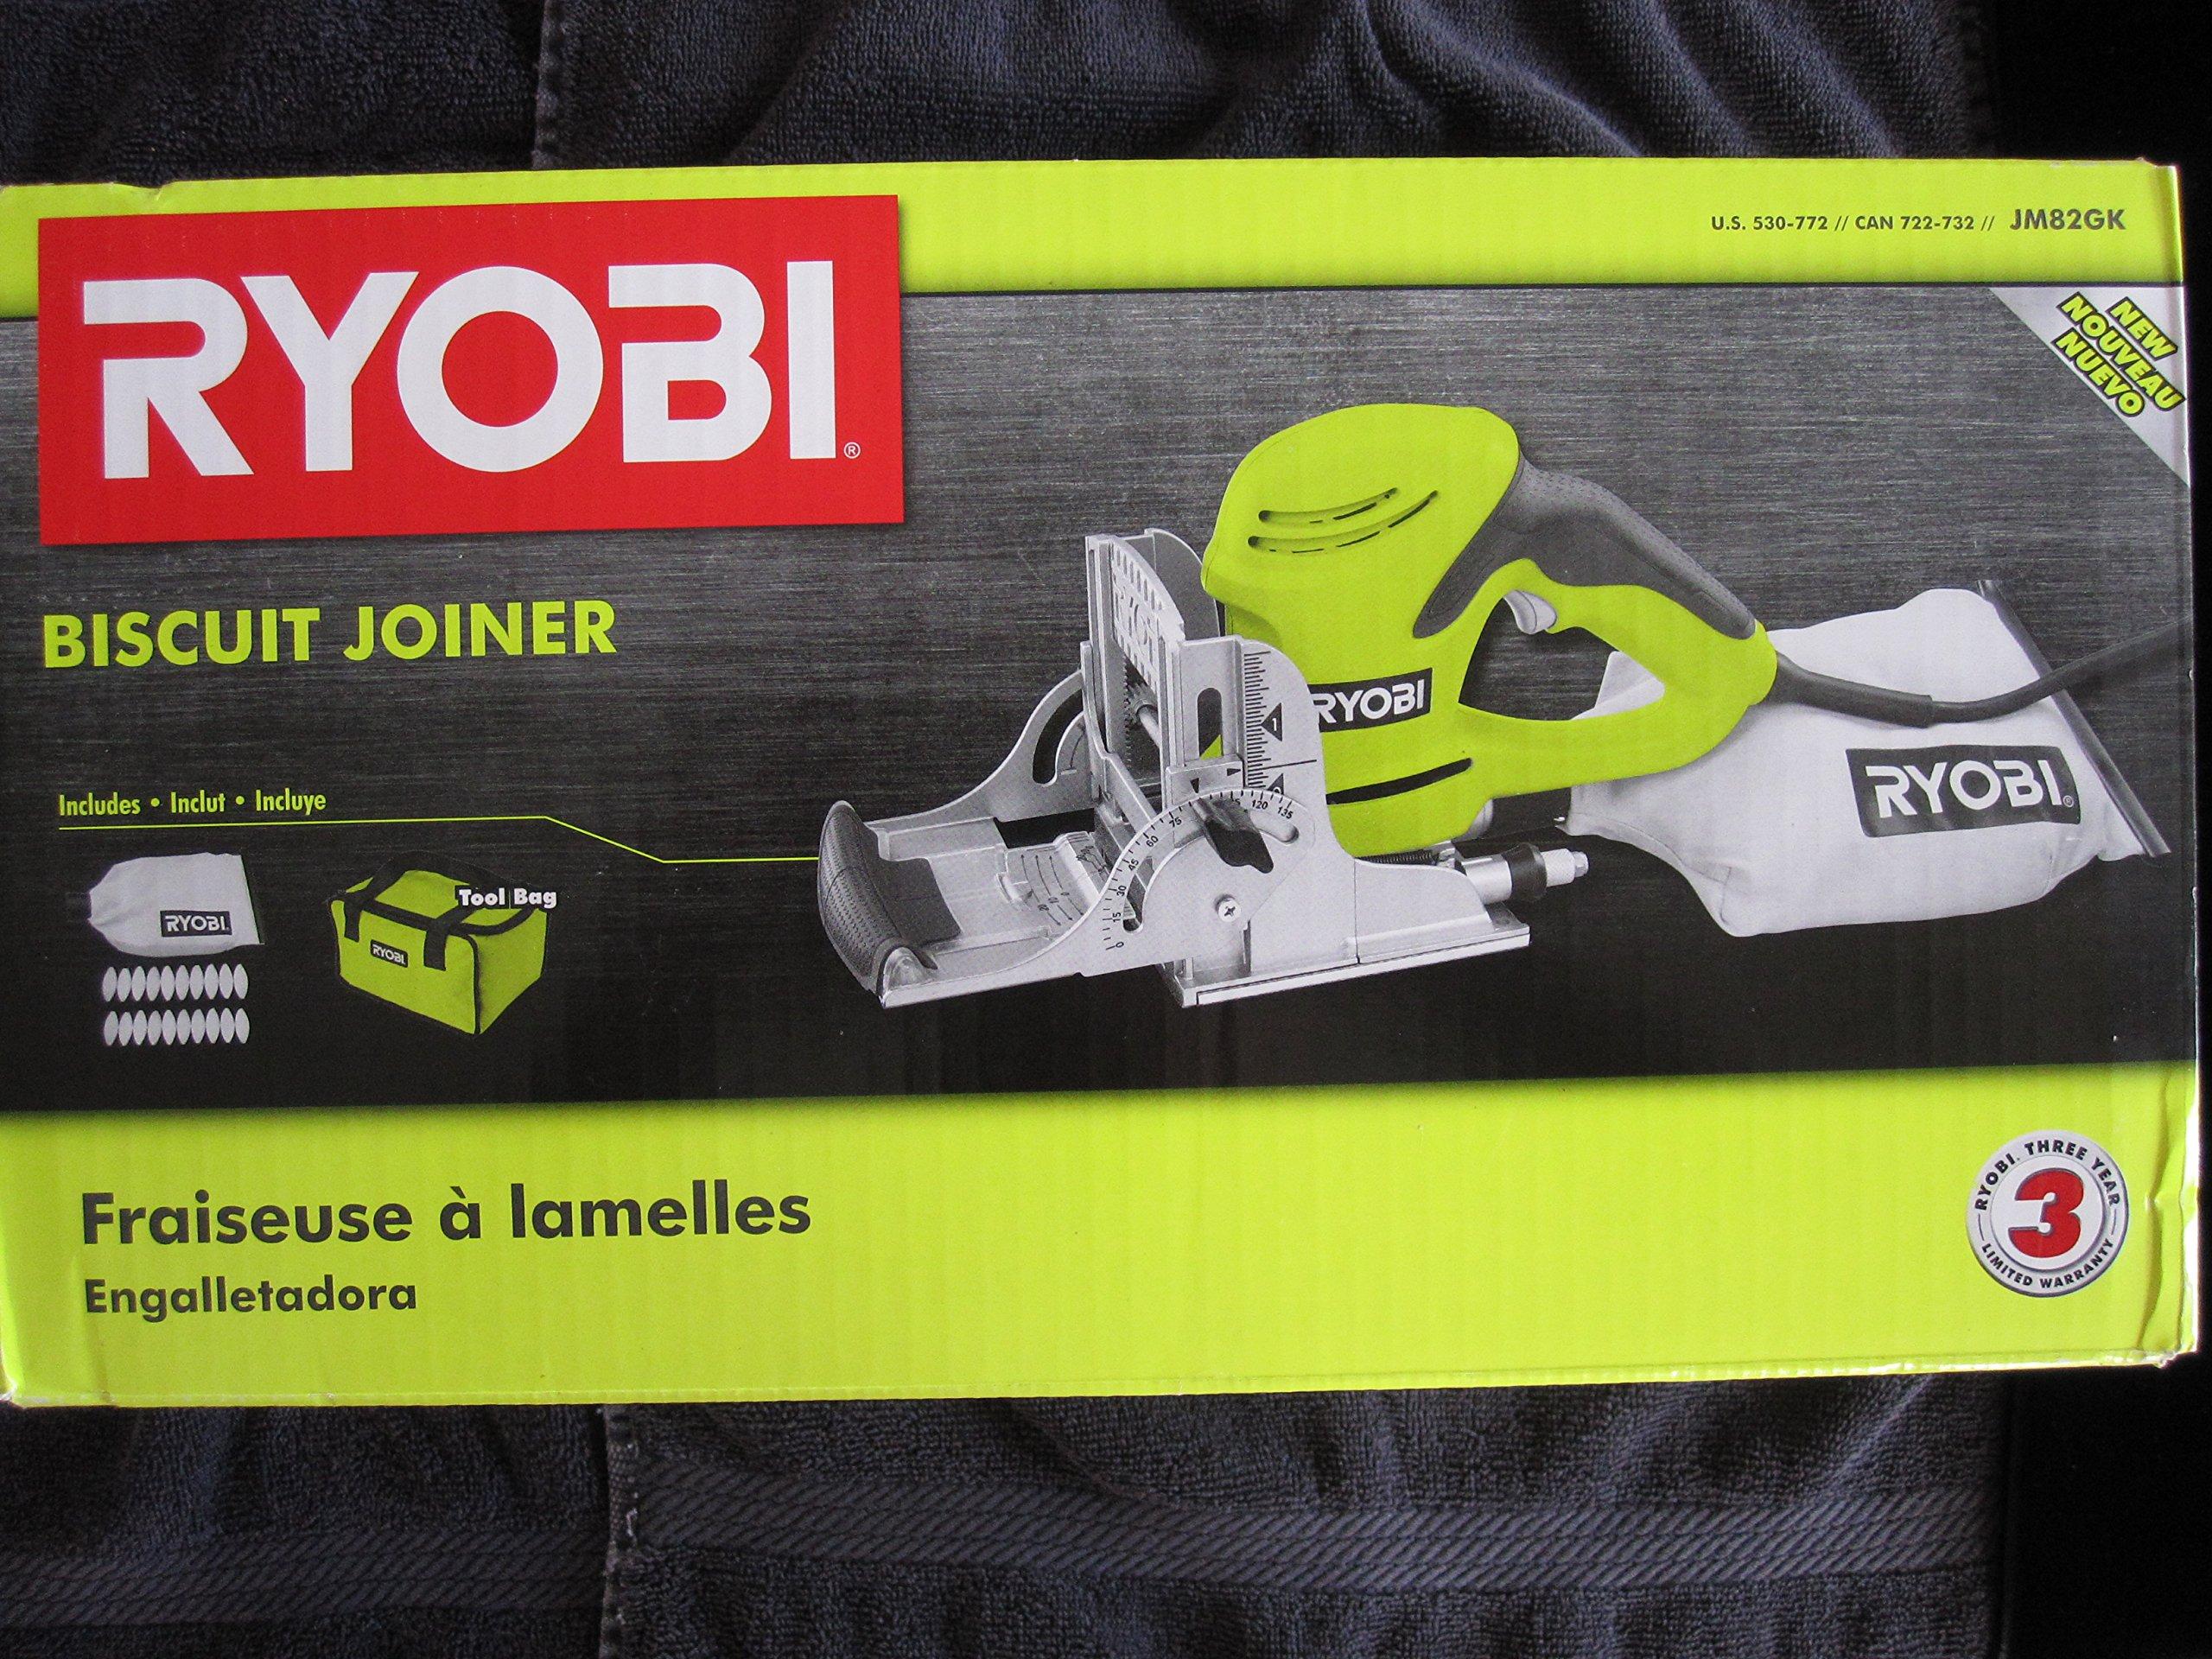 Ryobi ZRJM82GK 6 Amp Biscuit Joiner Kit